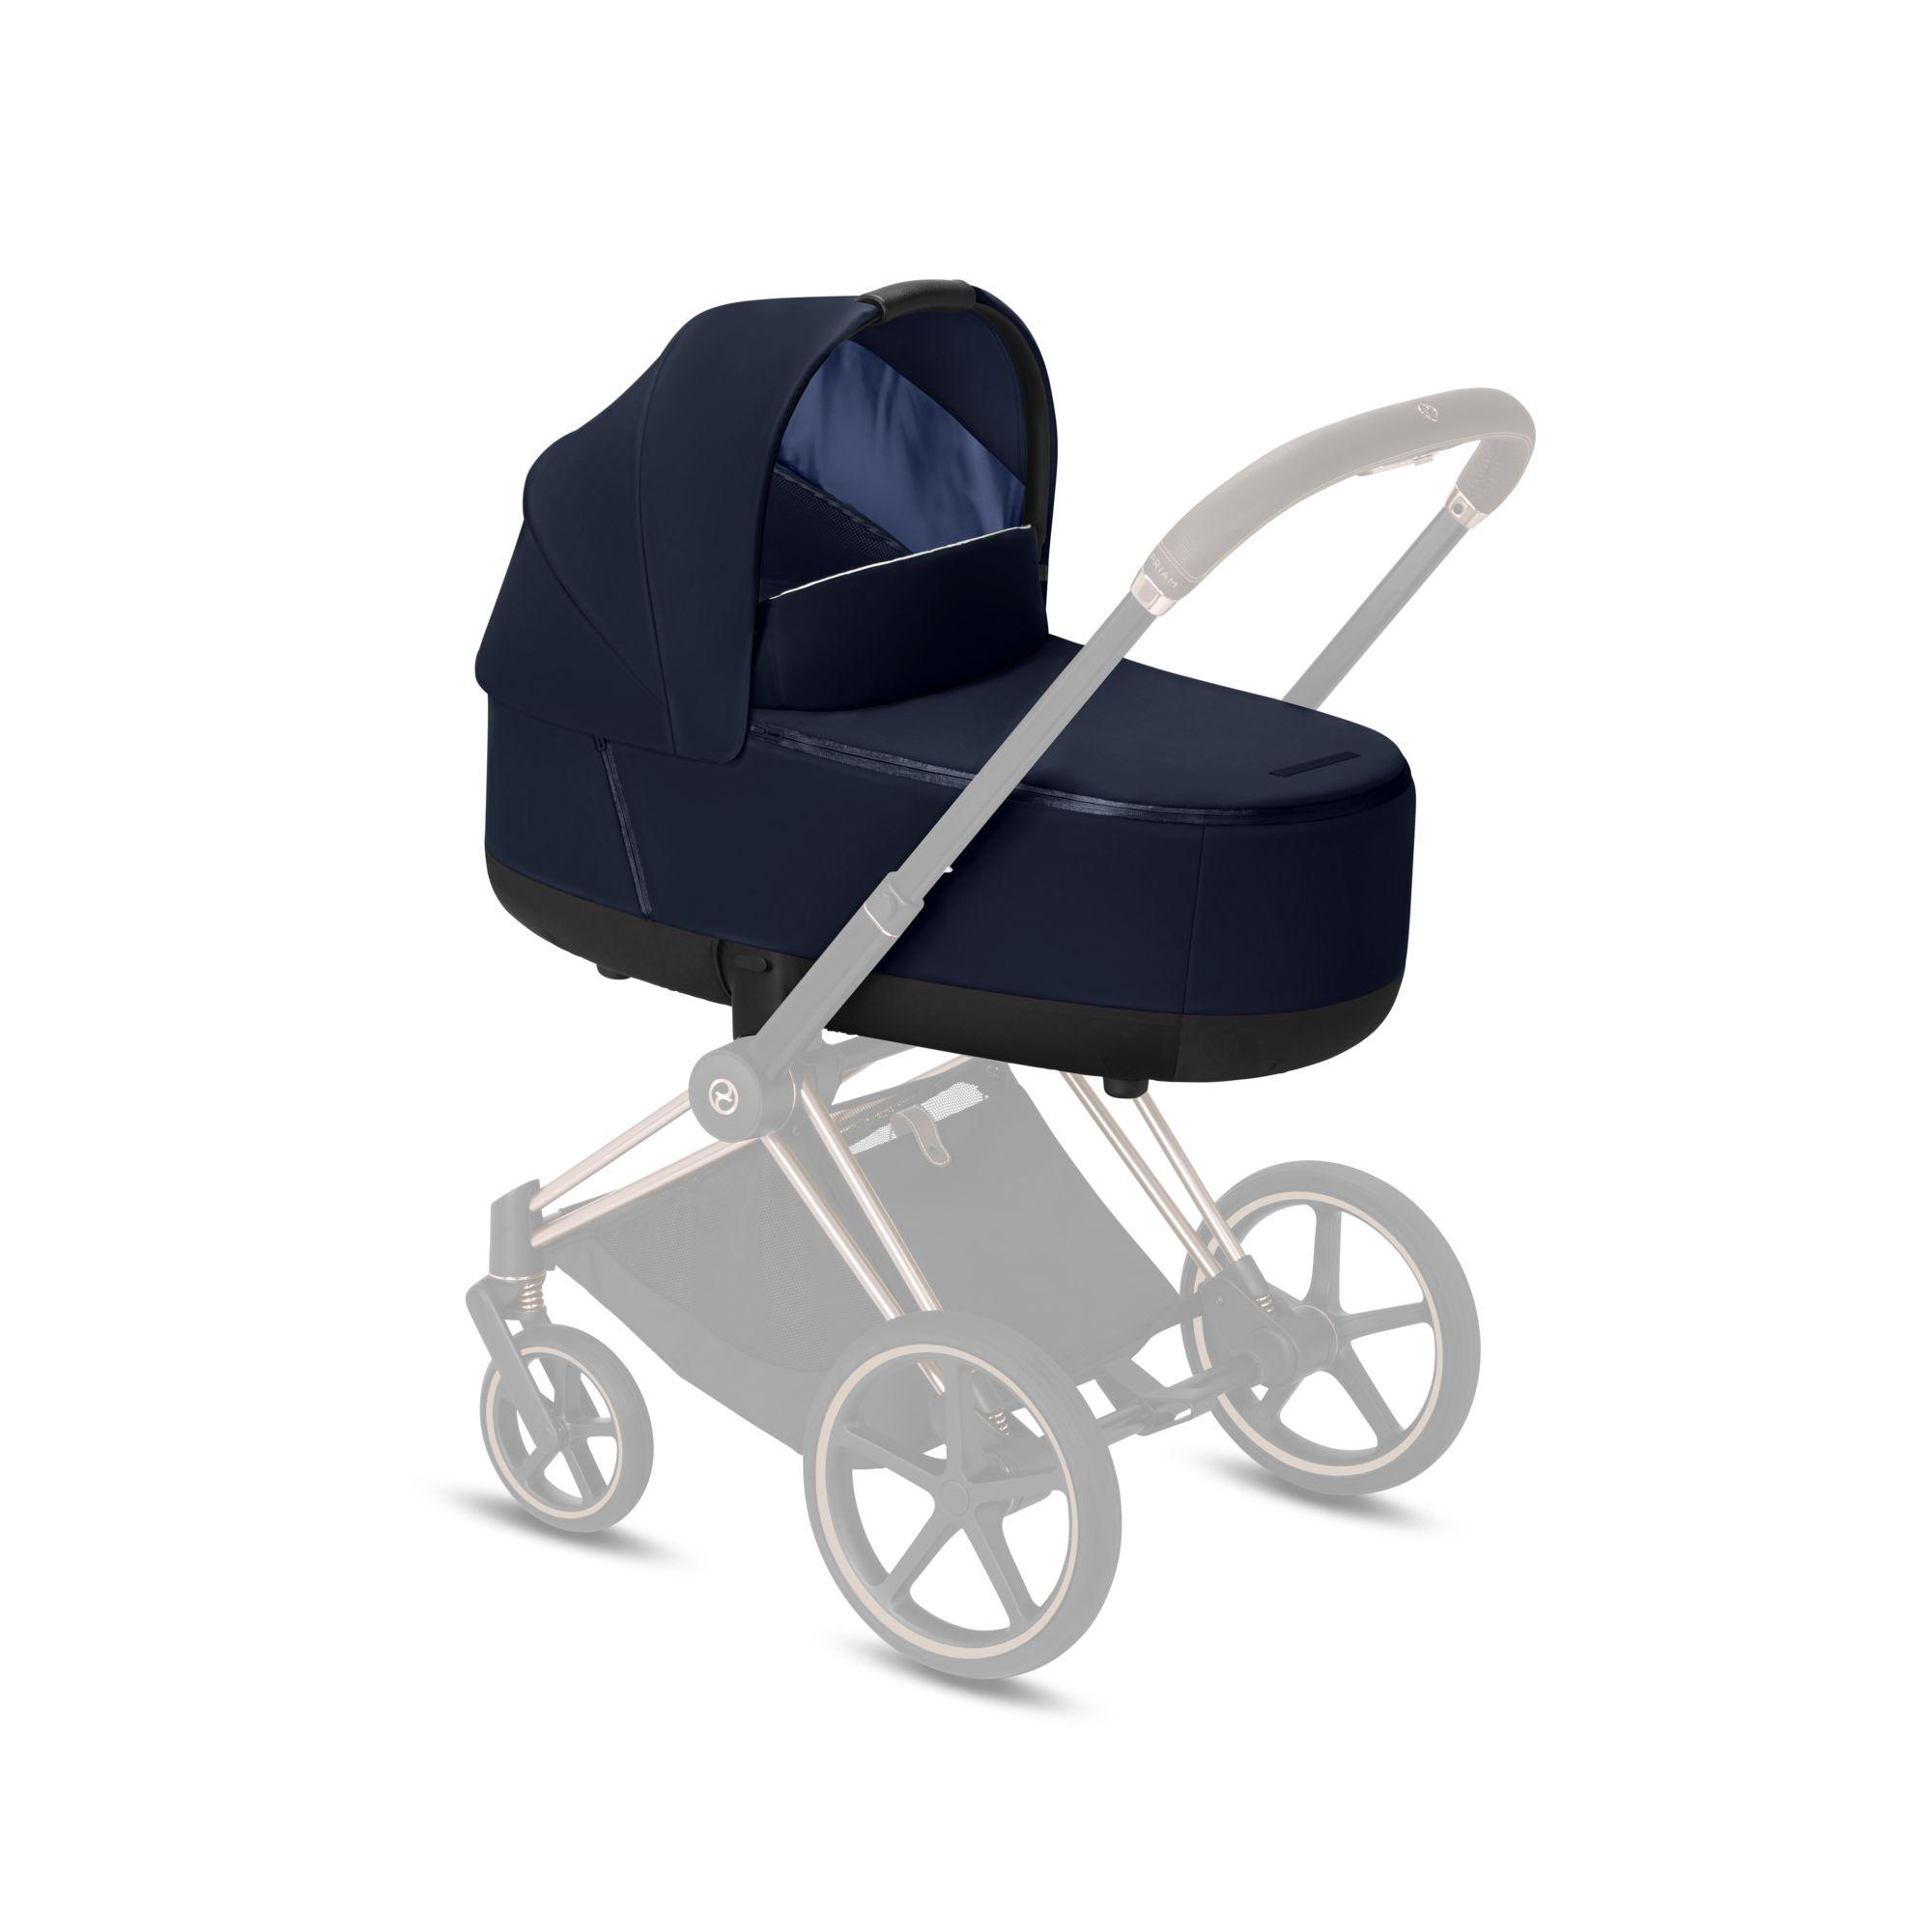 Baby PRAM CARRYCOT Pushchair Soft COTTON MATTRESS Liner INSERT